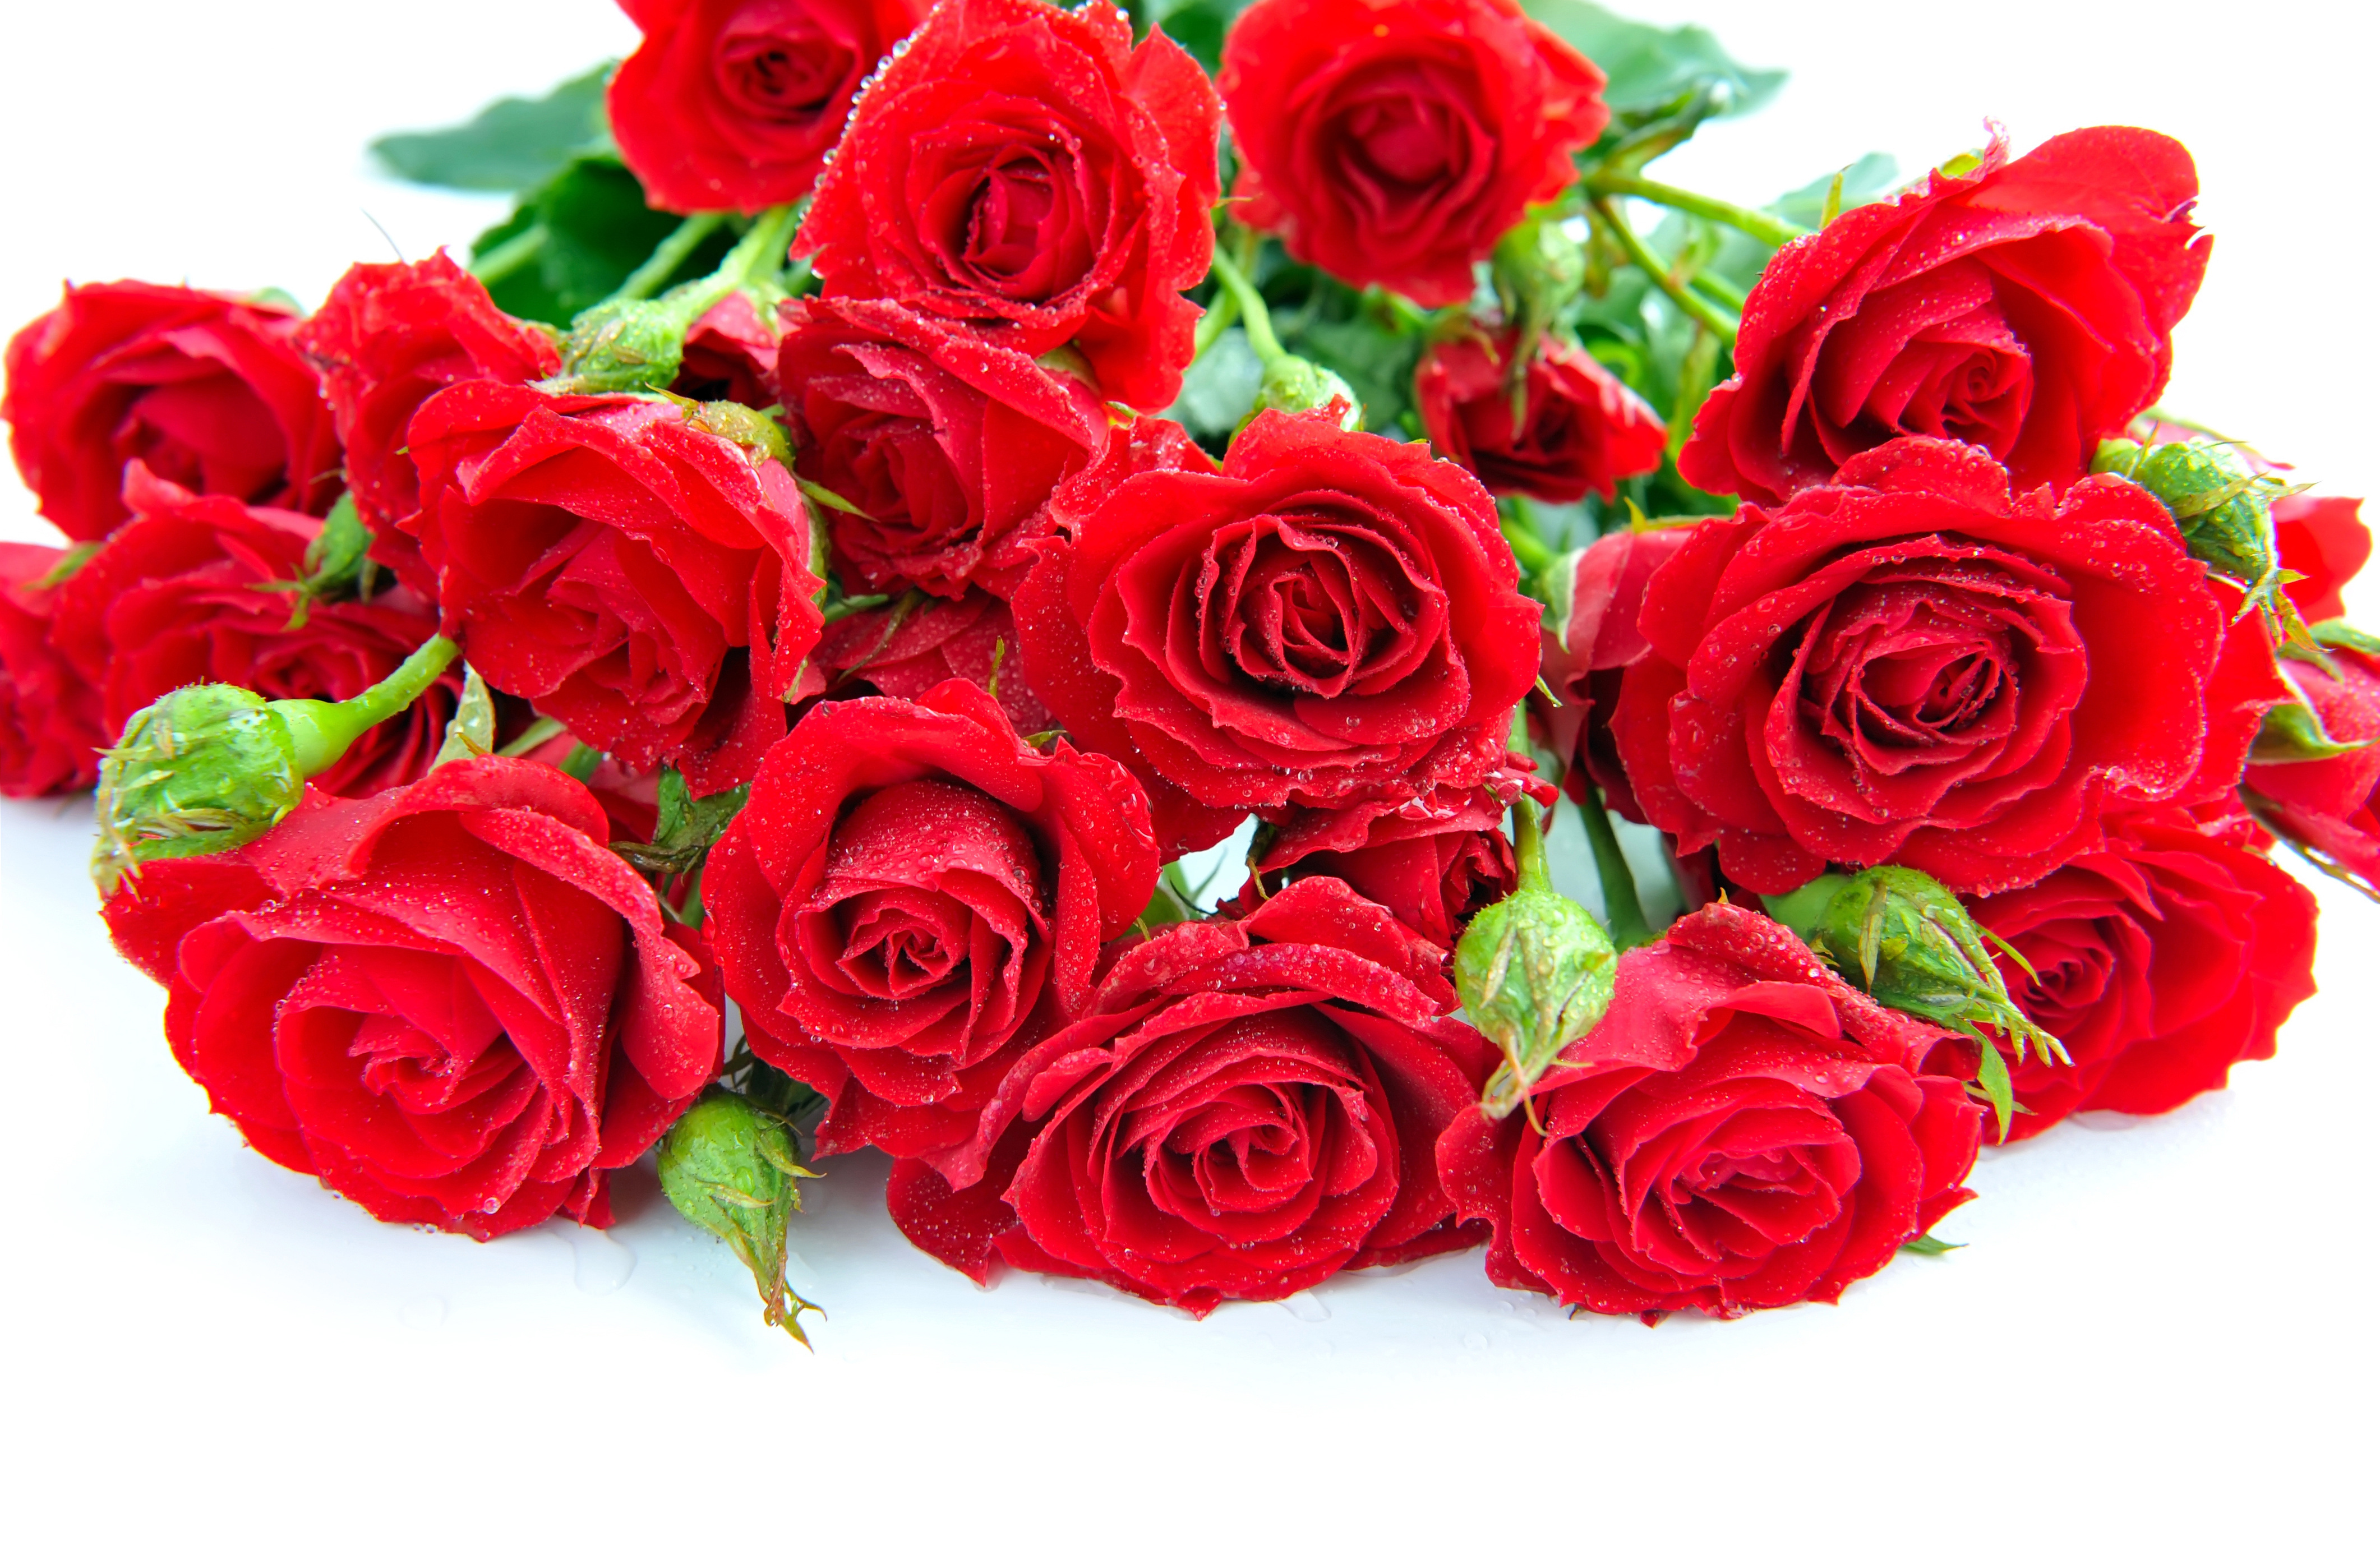 картинки с цветами розы: